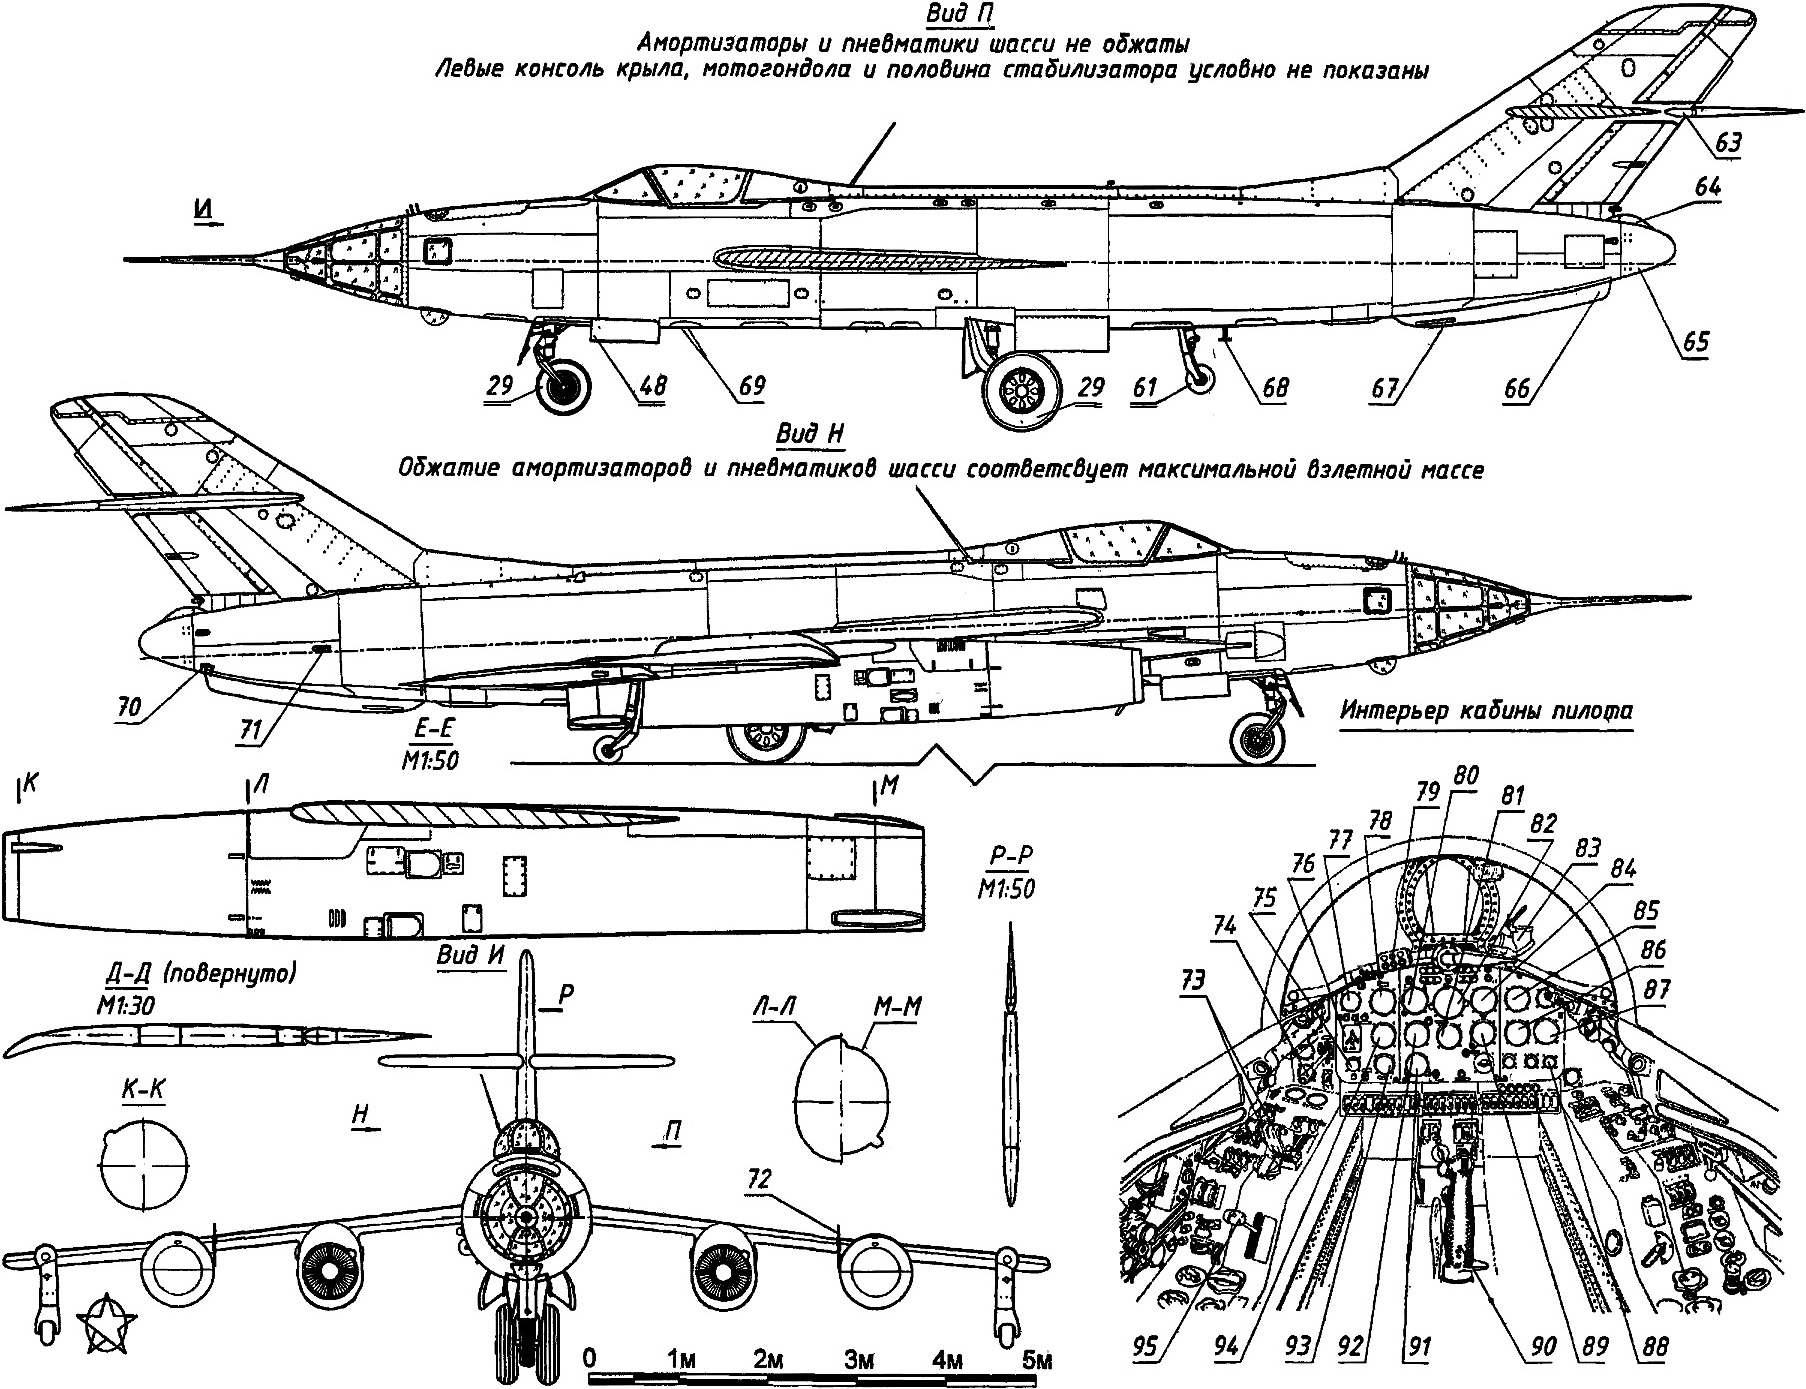 Скоростной самолет-фоторазведчик Як-27Р